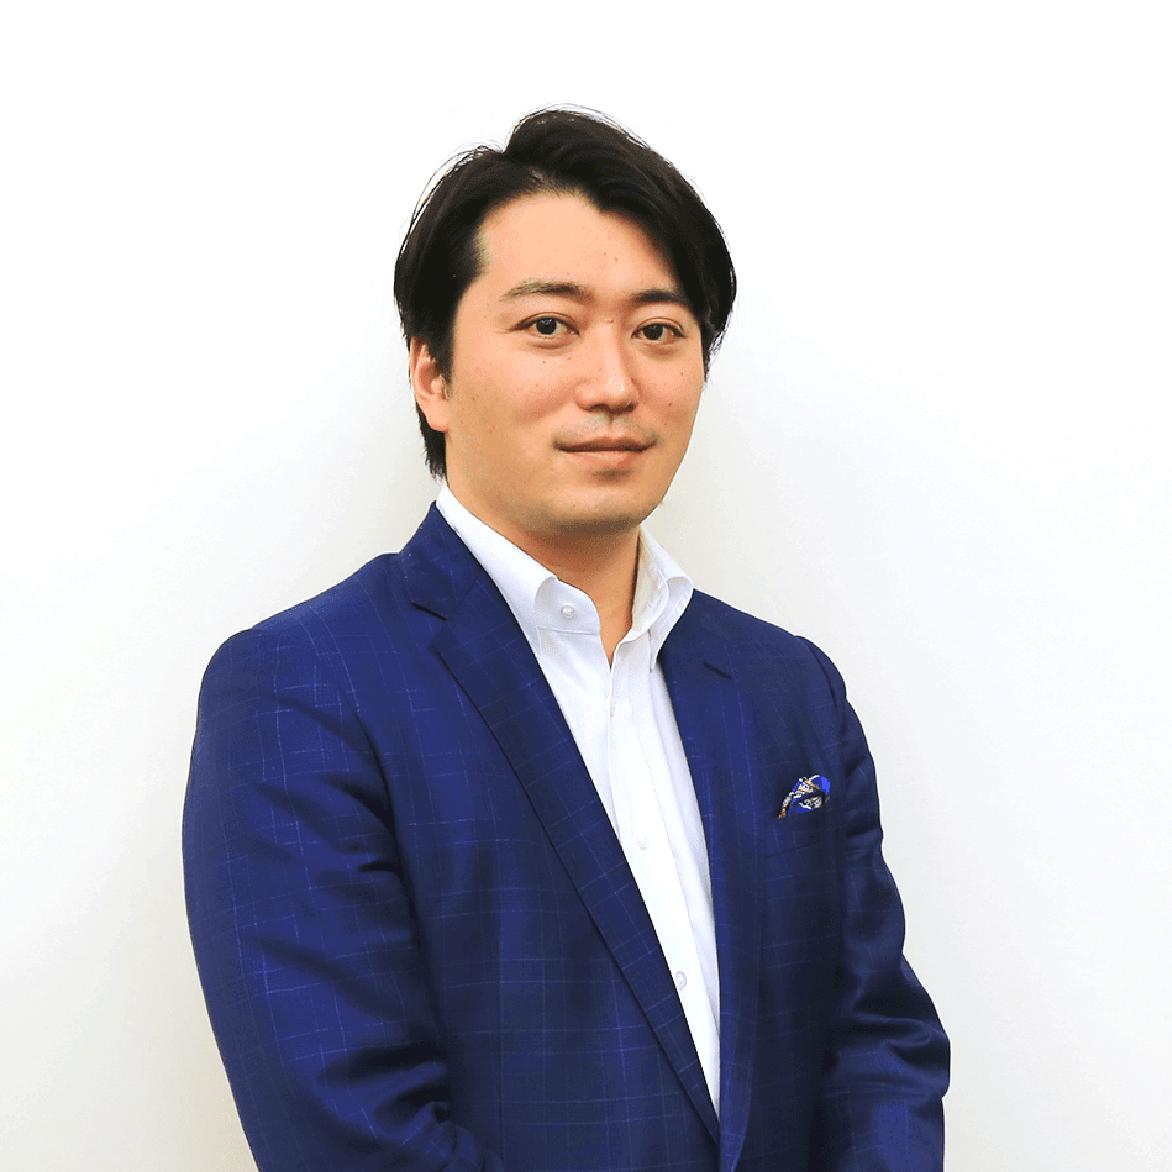 永井 俊輔